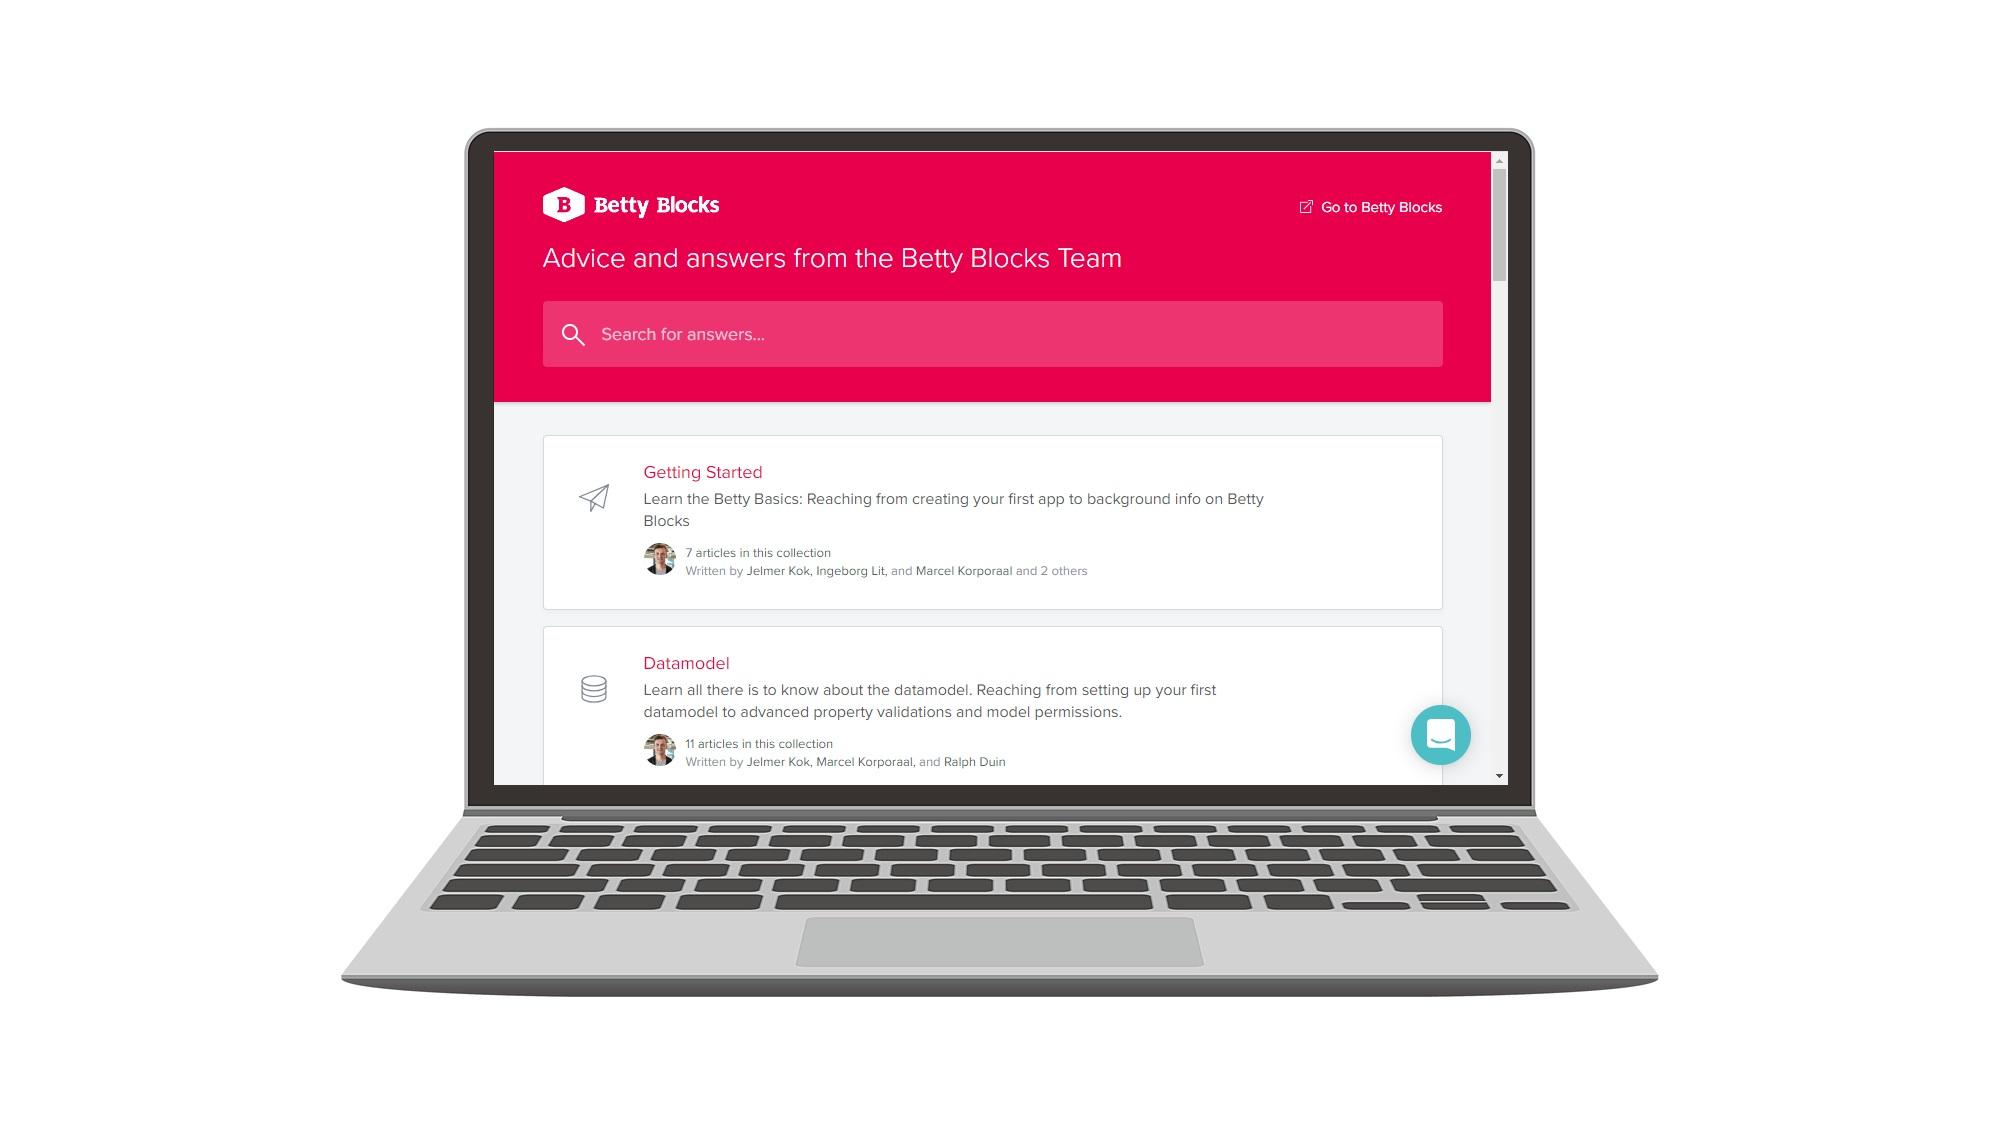 開発生産性8倍の開発プラットフォーム betty blocks タクト